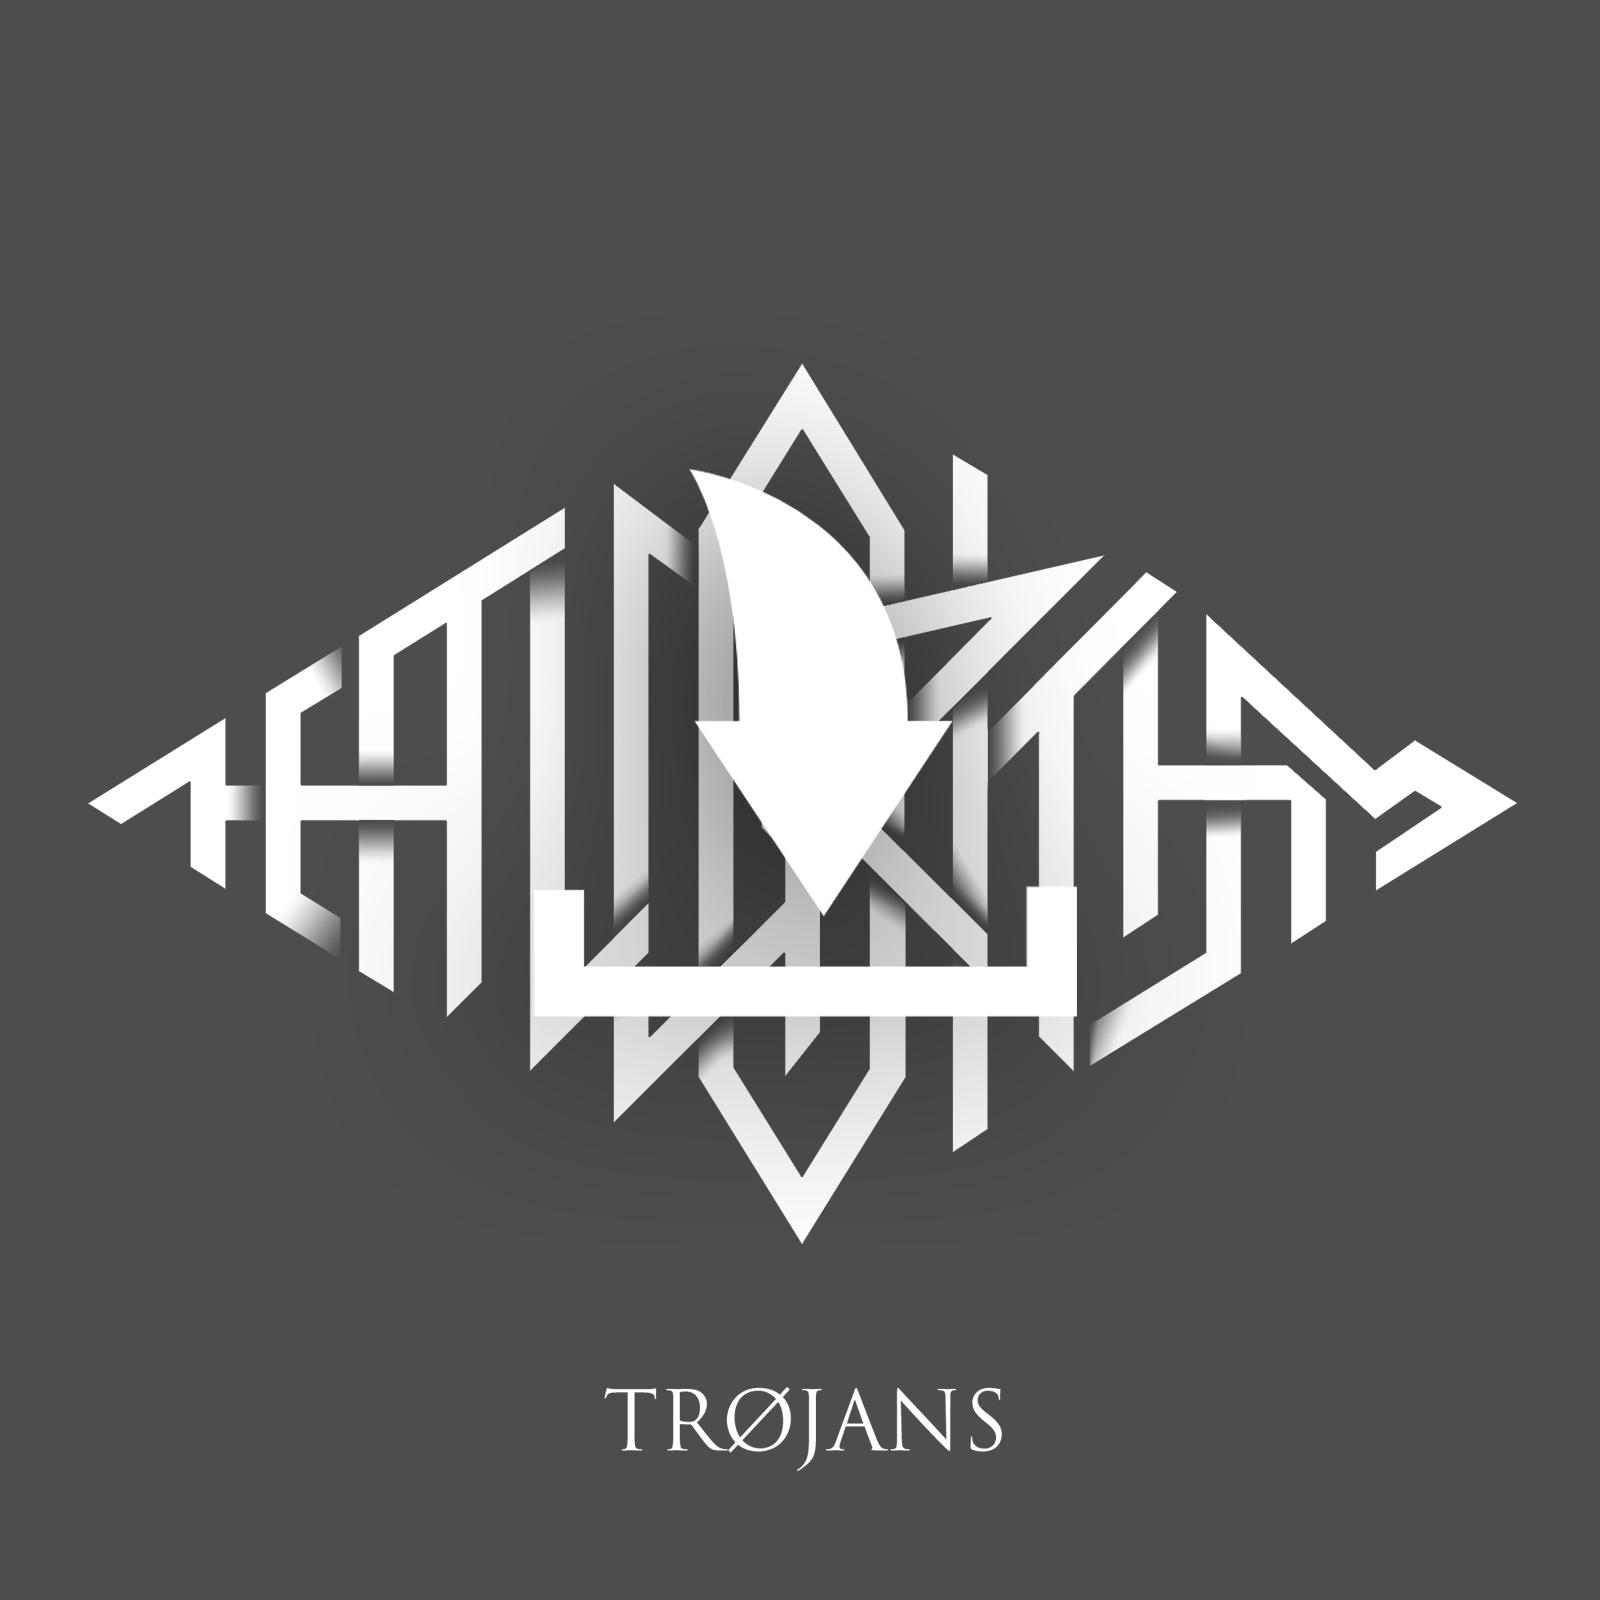 Tr0jans EP (Digital) - THE ALGORITHM